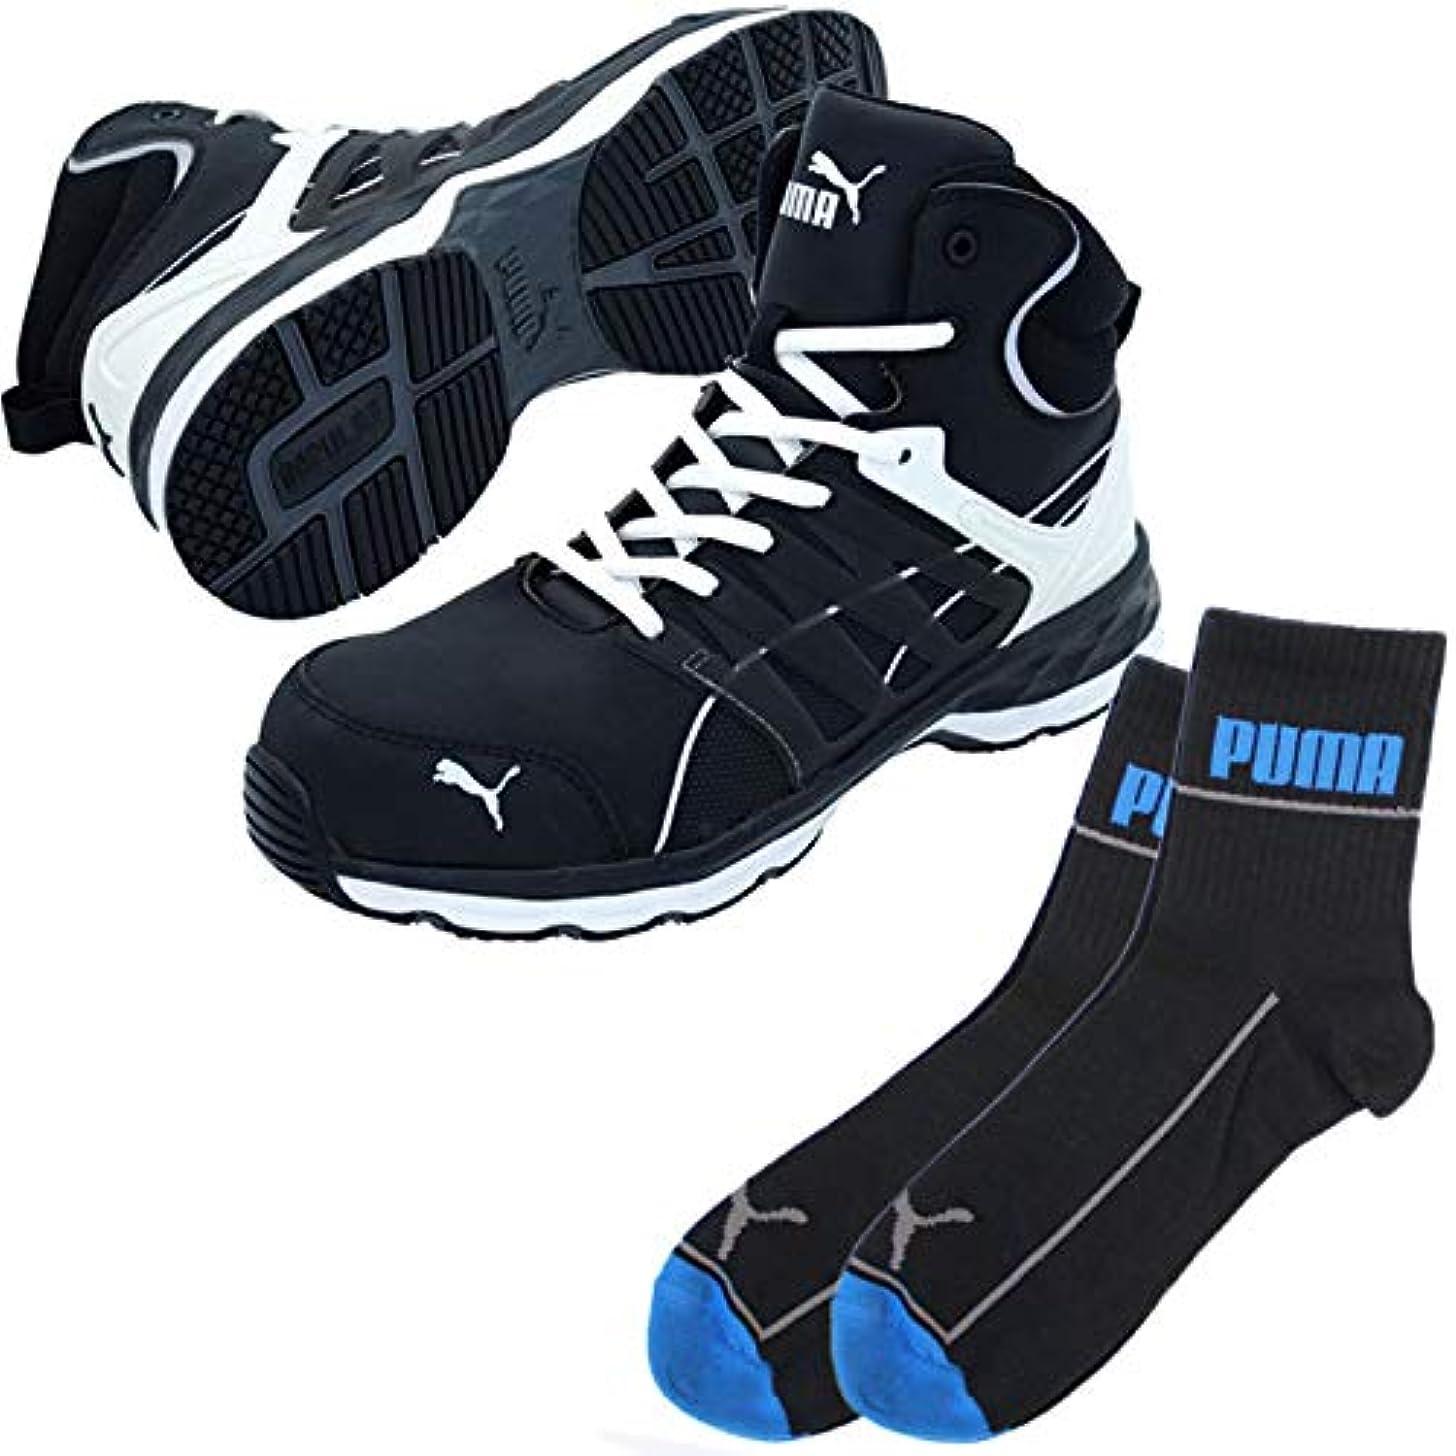 聖域特殊起きろPUMA(プーマ) 安全靴 ヴェロシティ ミッド 26.5cm ブラック×ホワイト PUMA ソックス 靴下付 63.342.0